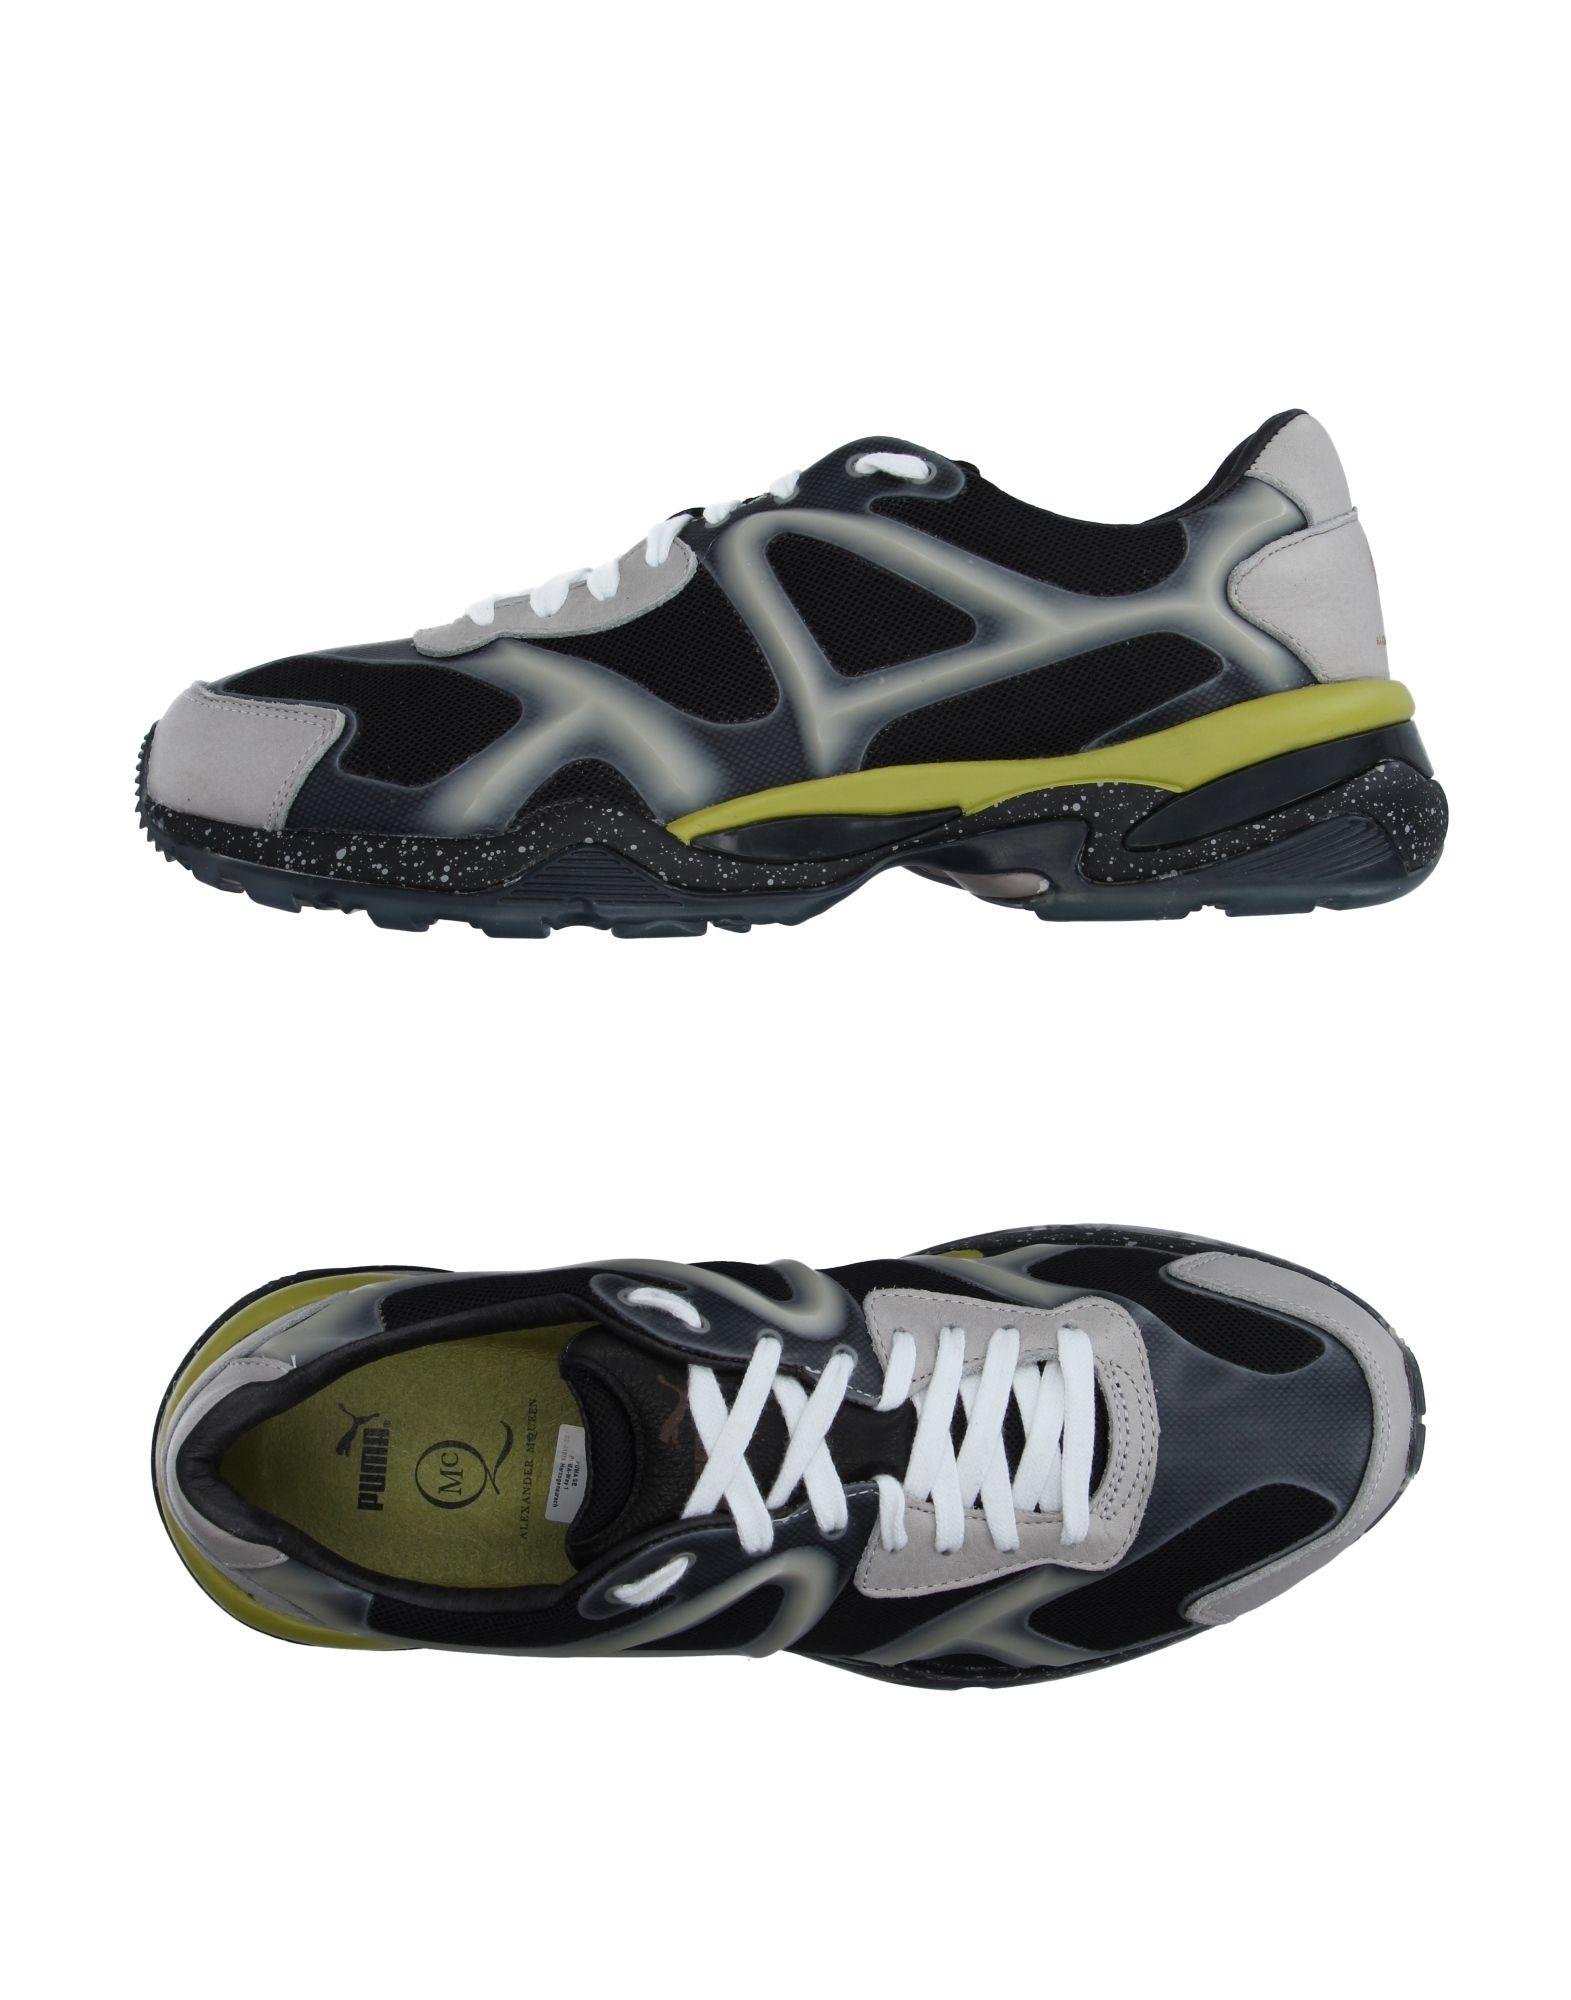 Rabatt echte Schuhe Alexander Mcqueen Puma Sneakers Herren  11155316TM